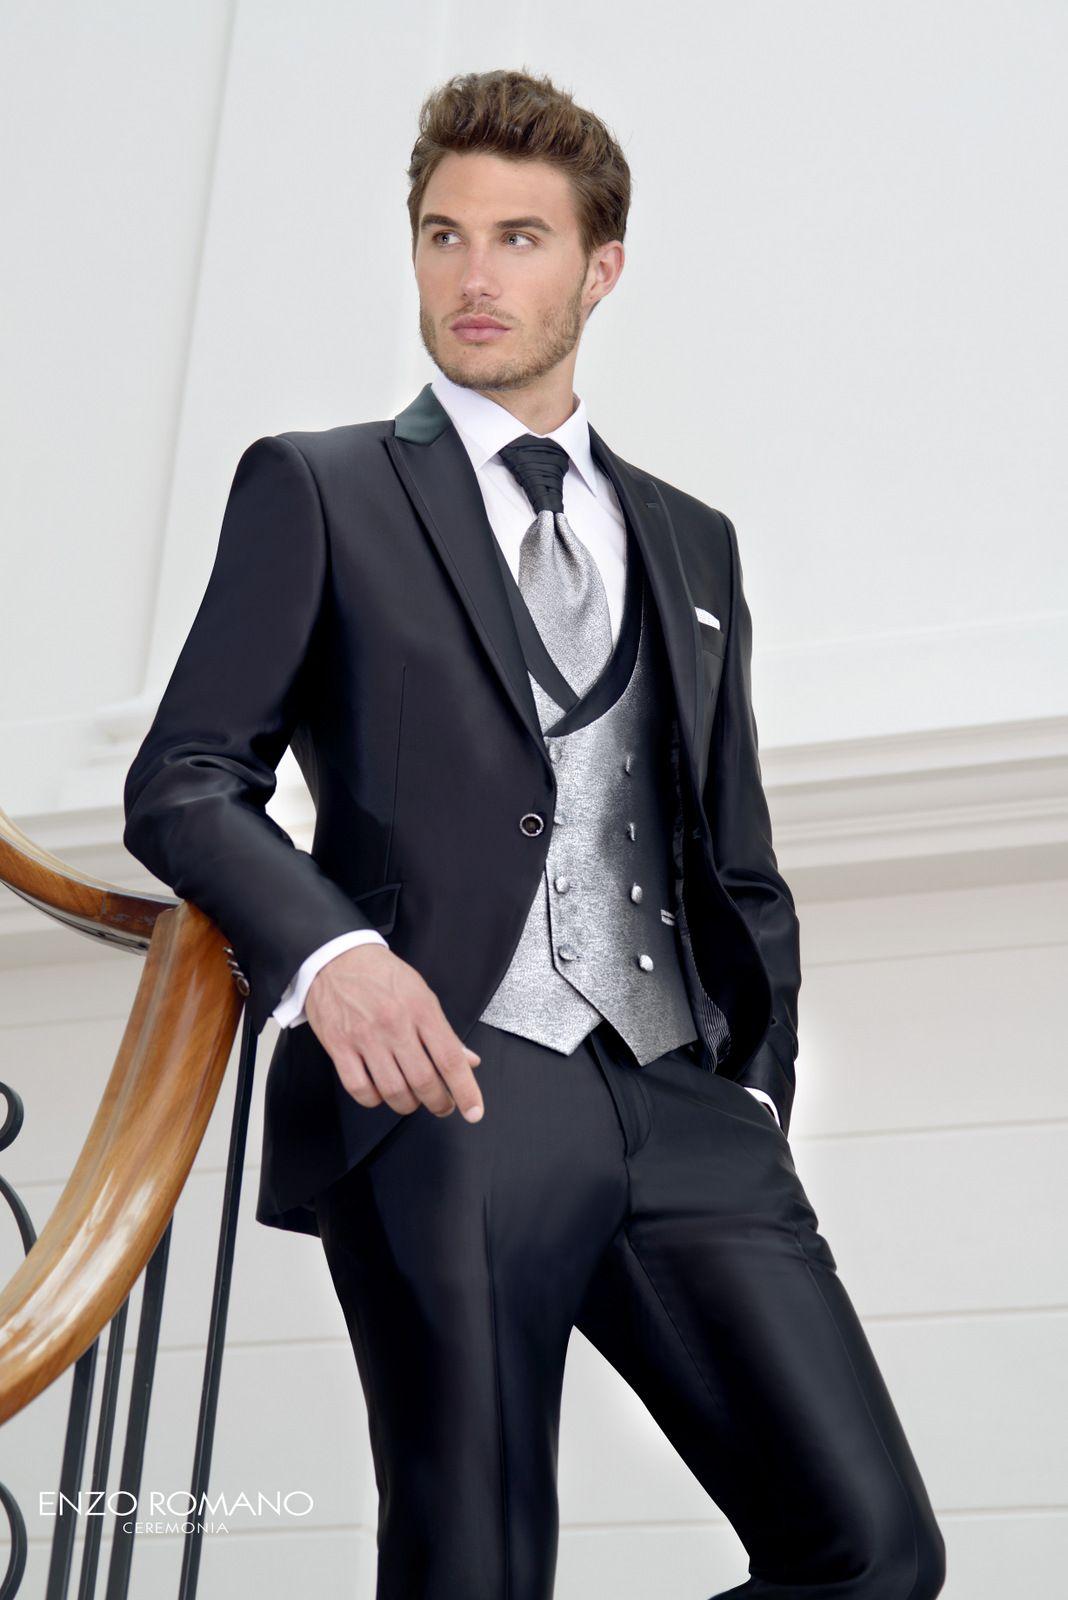 Traje de novio de la firma Enzo Romano con chaleco cruzado que incorpora su  propia solapa en negro del mismo tejido que el traje y el nudo del  corbatón 6d0f70e4e7e